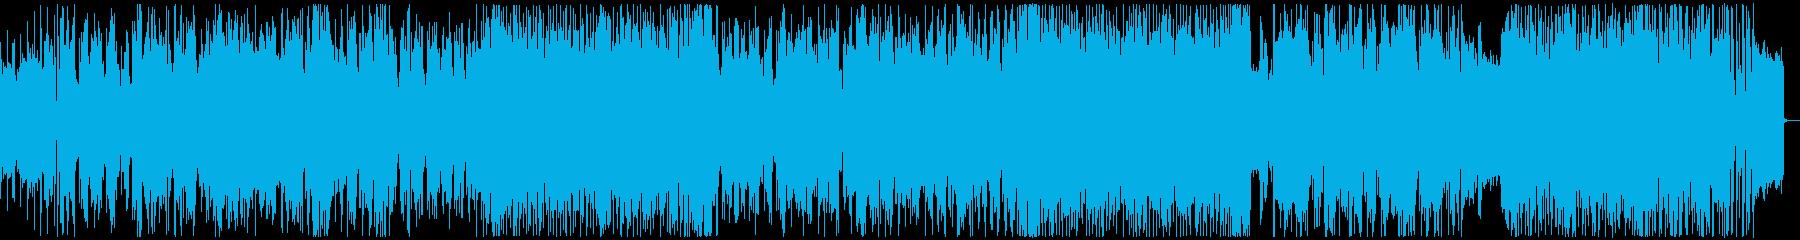 ゆったりと明るいバイオリンのテクノの再生済みの波形